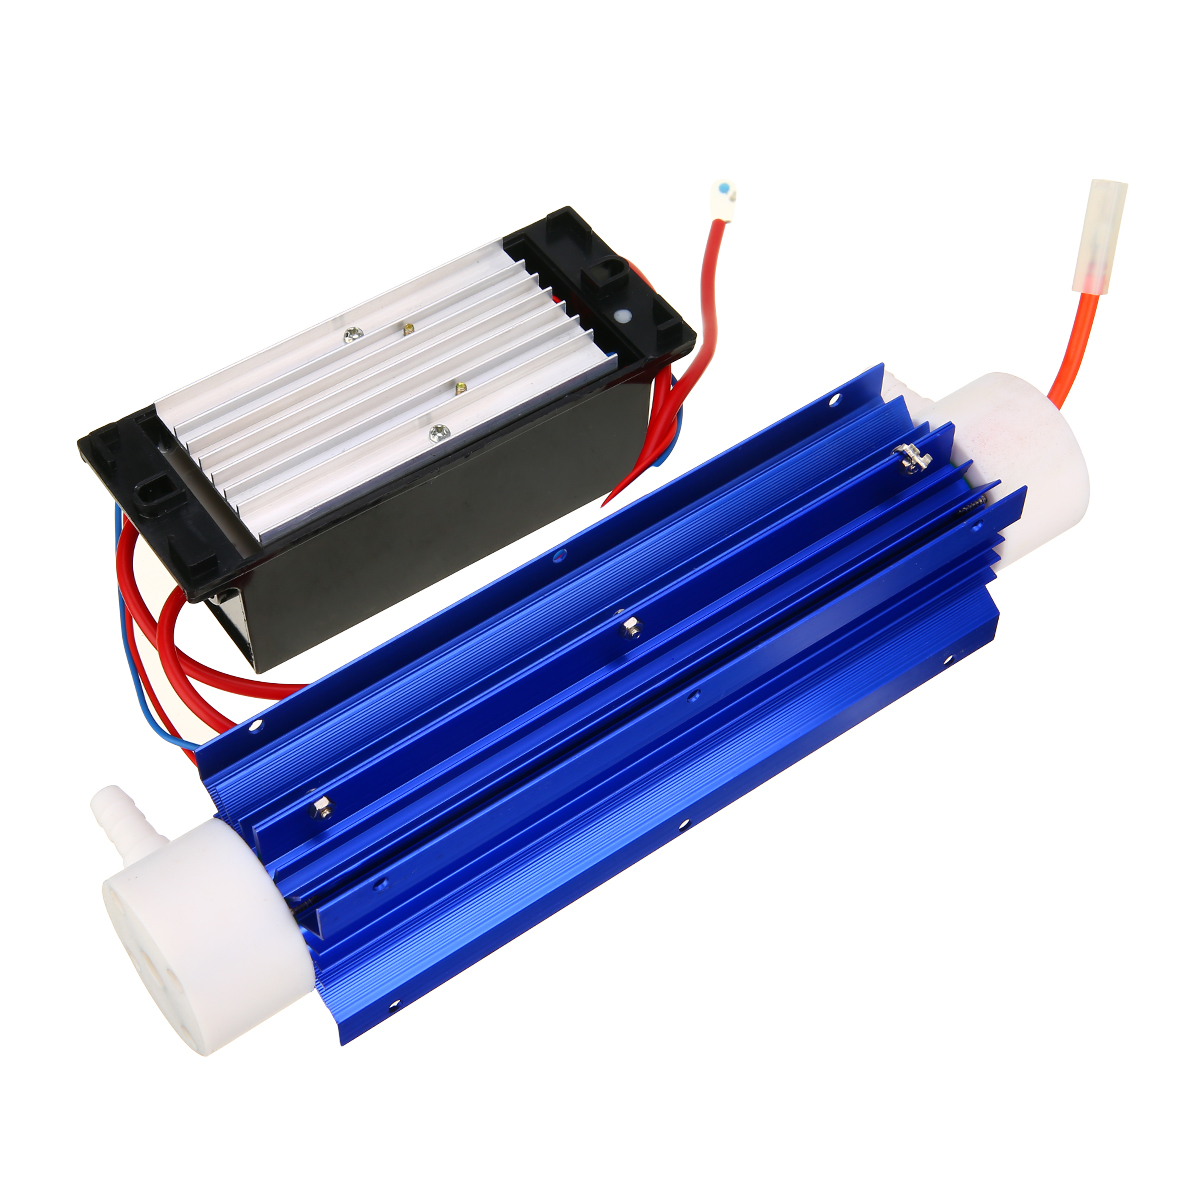 AC220V 10 g/h Quarzo Generatore Dell'ozono Del Tubo di Acqua di Disinfezione Purificatore D'aria per La Casa Acqua Aria Ozonizzatore Sterilizzatore